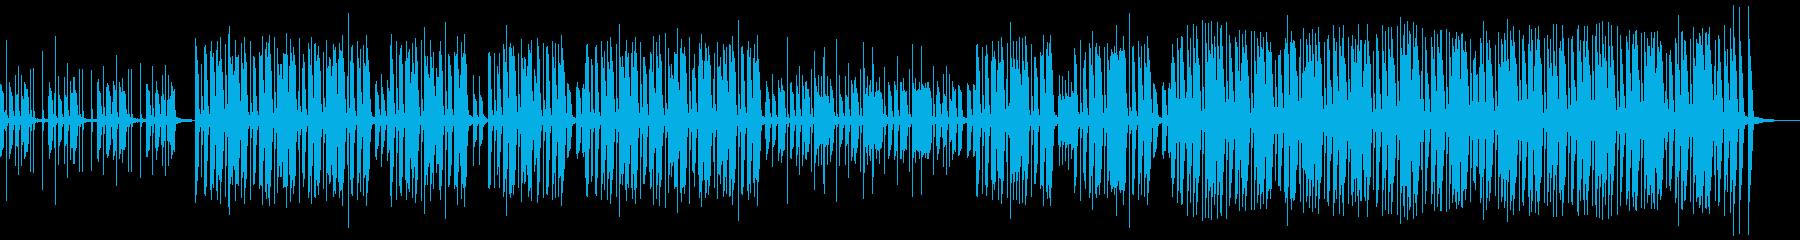 カントリー風の楽しいCM曲 ピアノと手拍の再生済みの波形